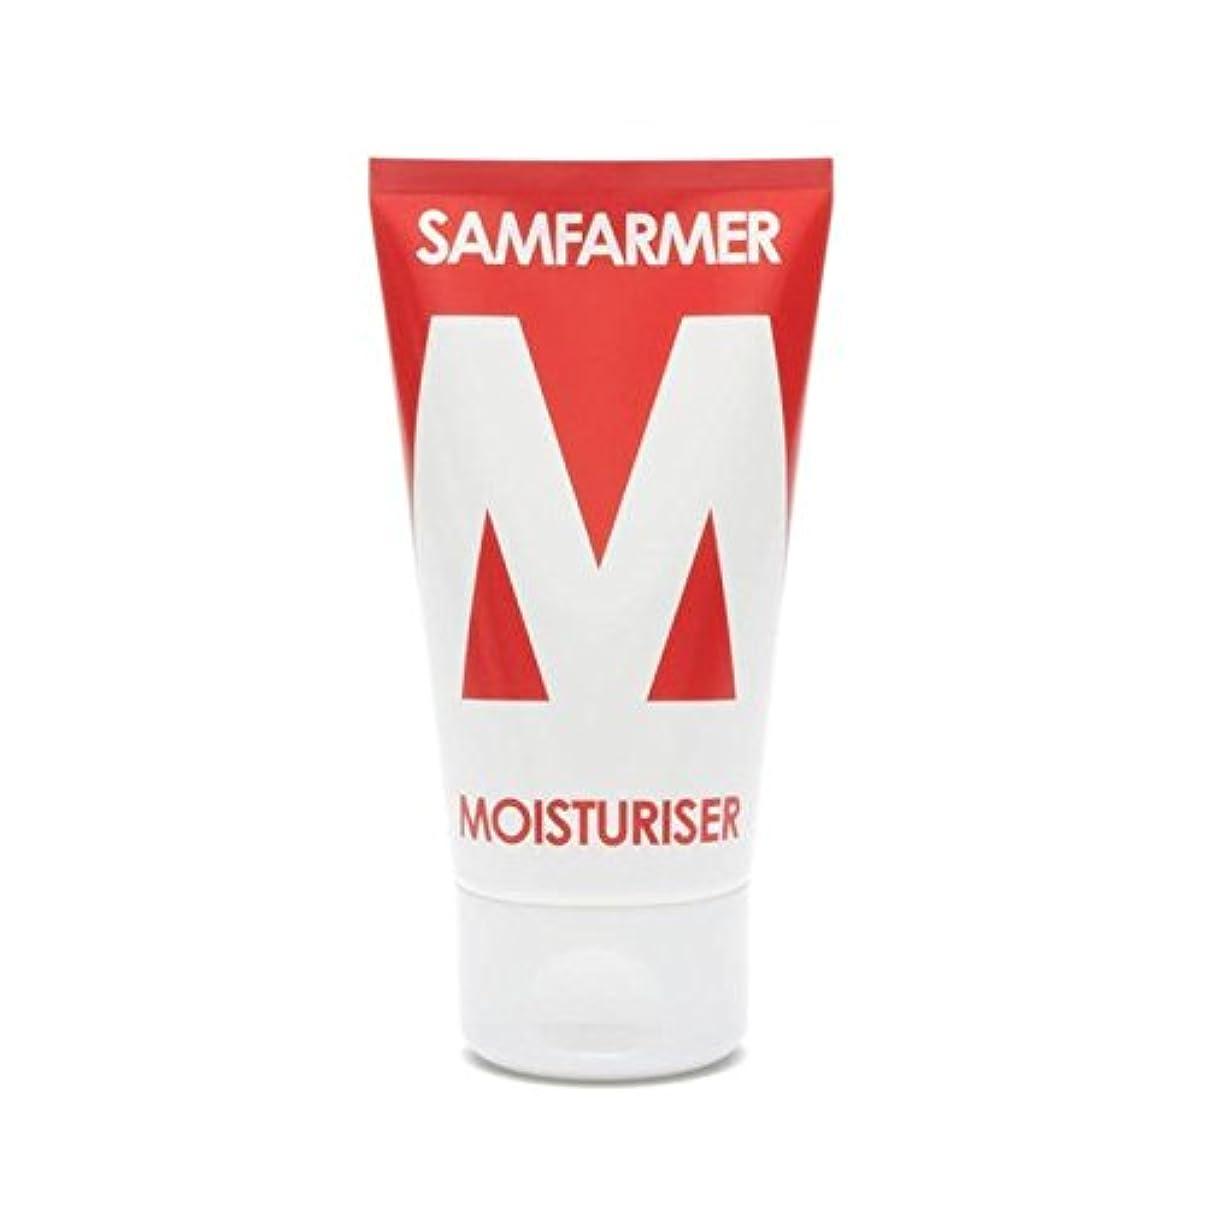 ハイランド冷蔵庫広くSAMFARMER Unisex Moisturiser 50ml (Pack of 6) - ユニセックス保湿50ミリリットル x6 [並行輸入品]